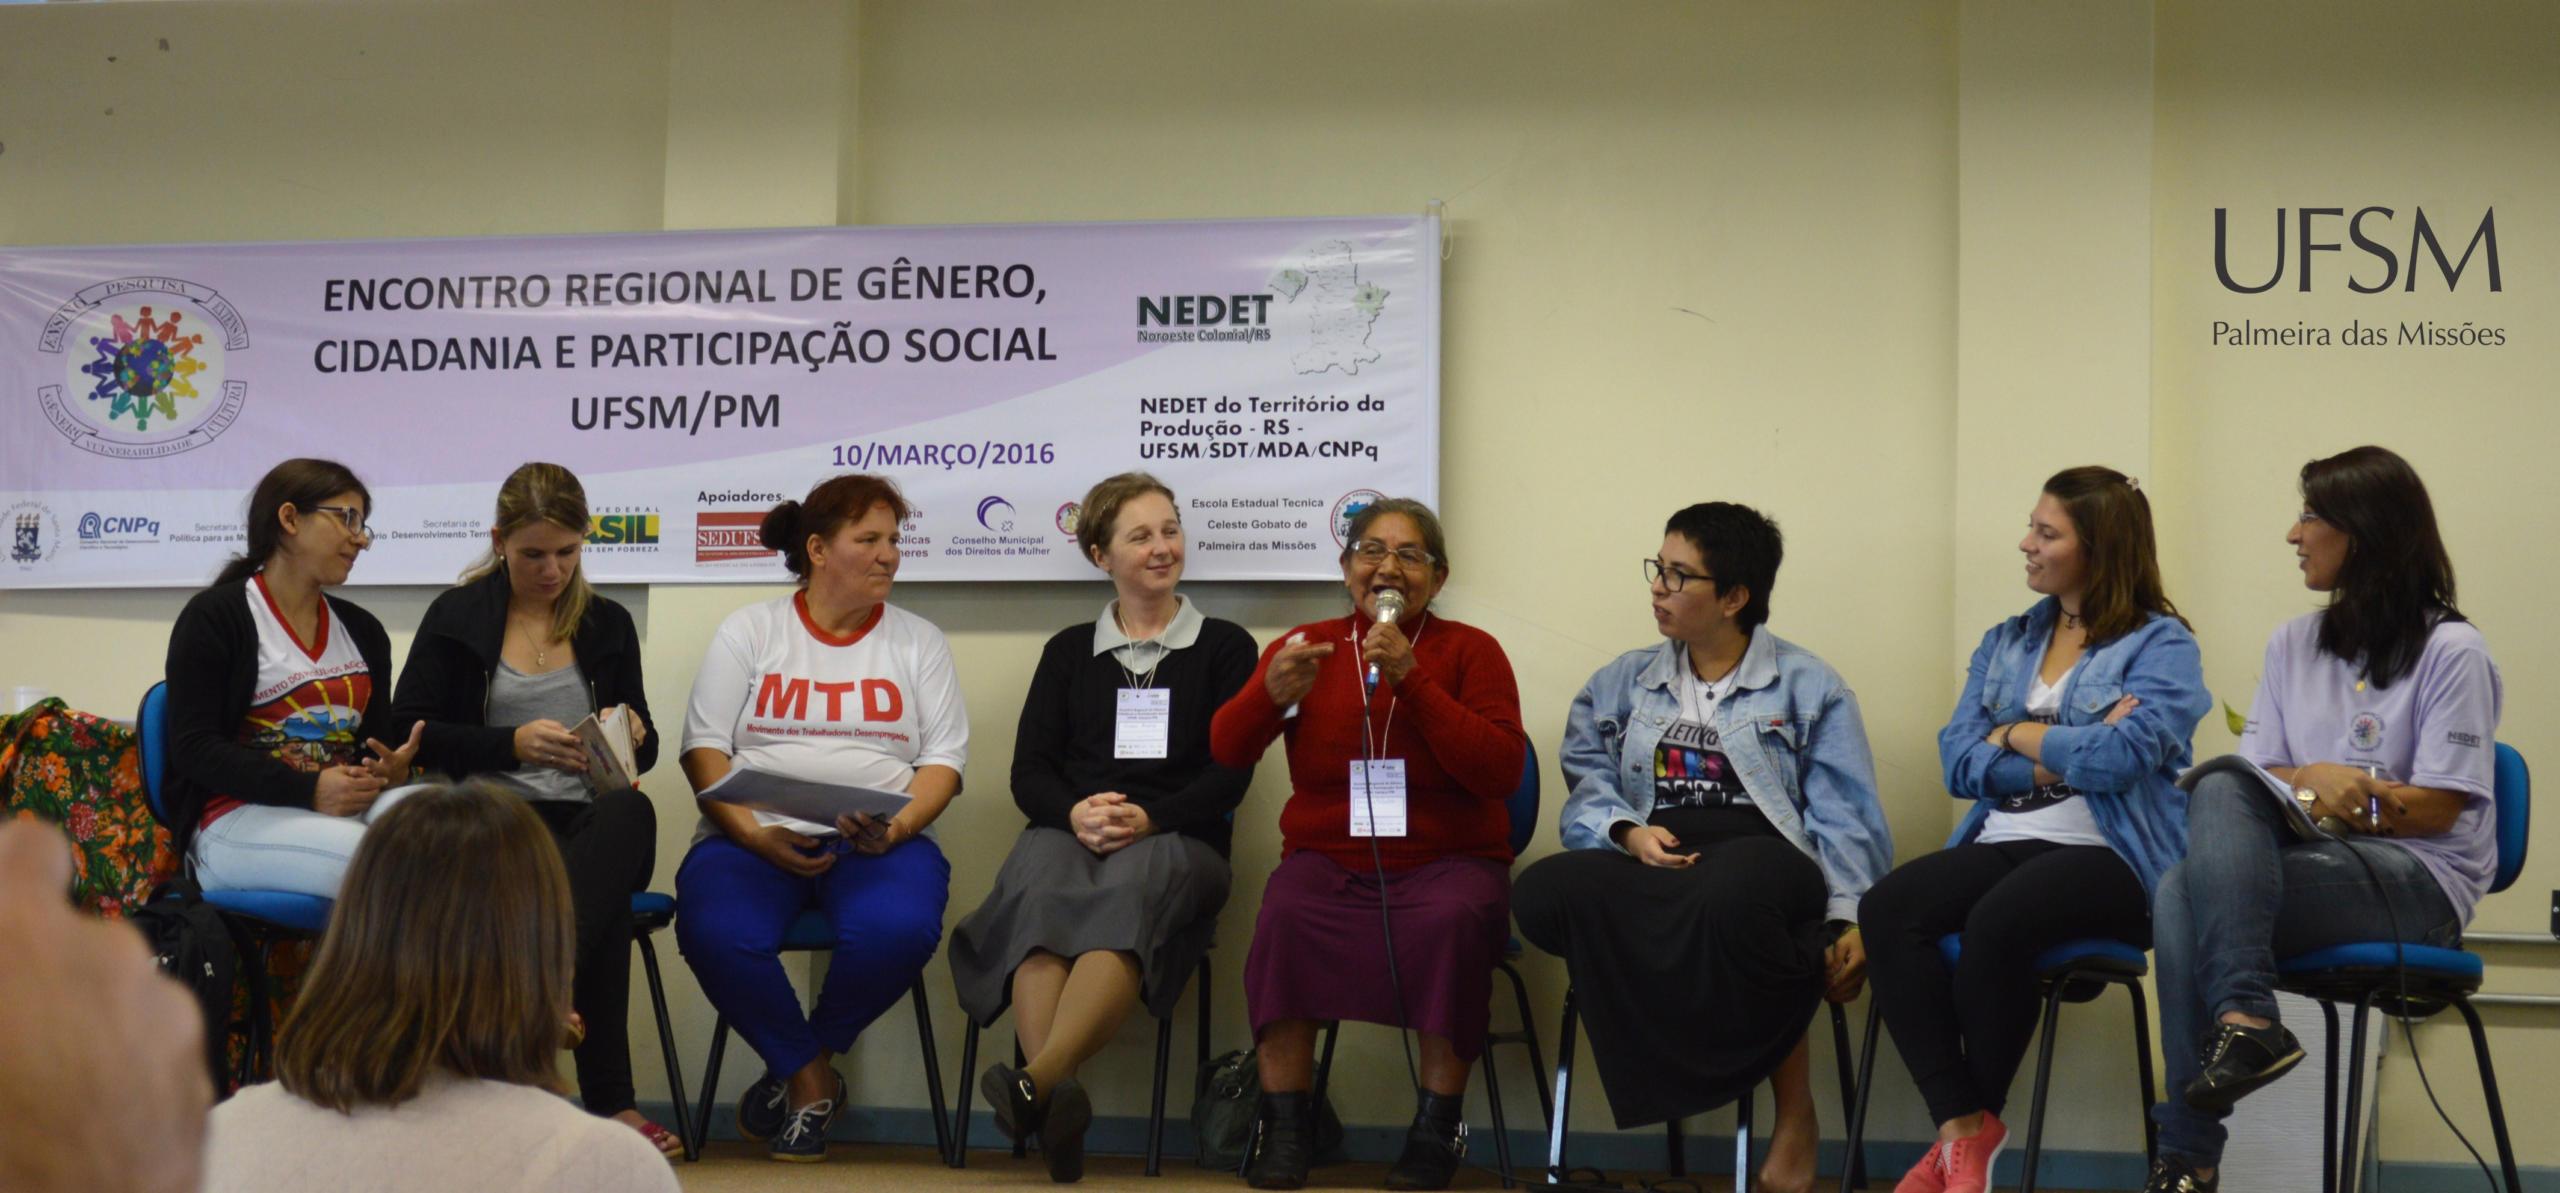 3 - Painel Mulheres em cirandas tecendo histórias nos movimentos sociais